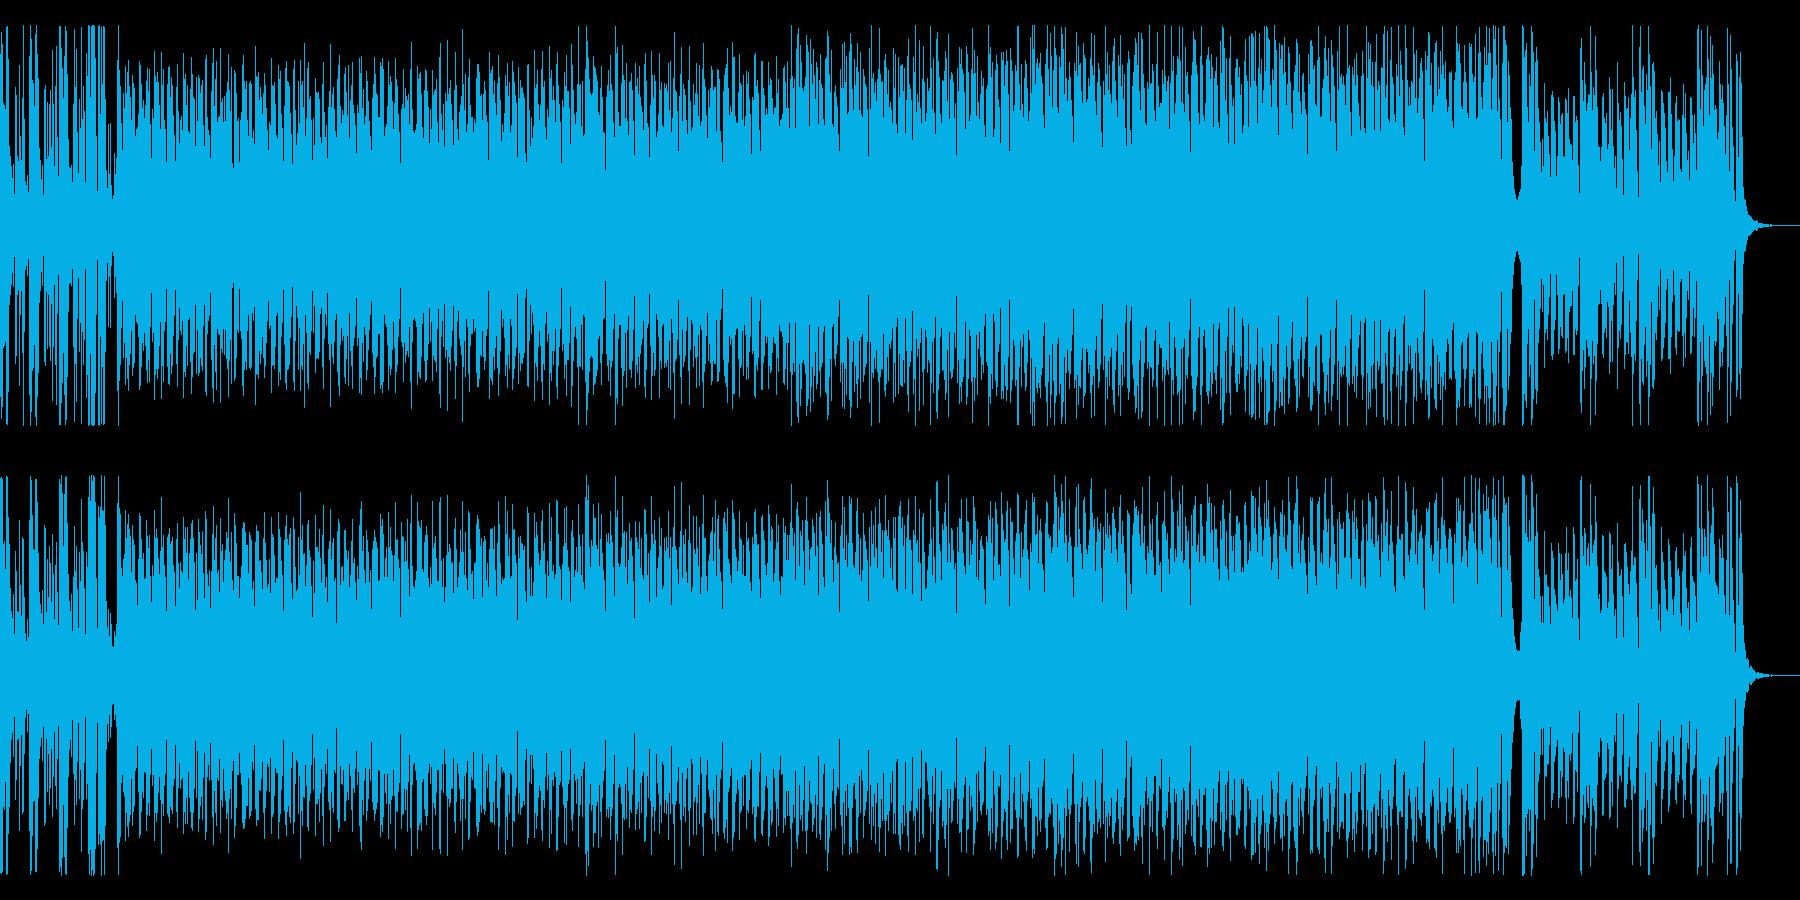 ノリノリのラテン風エレクトロポップの再生済みの波形